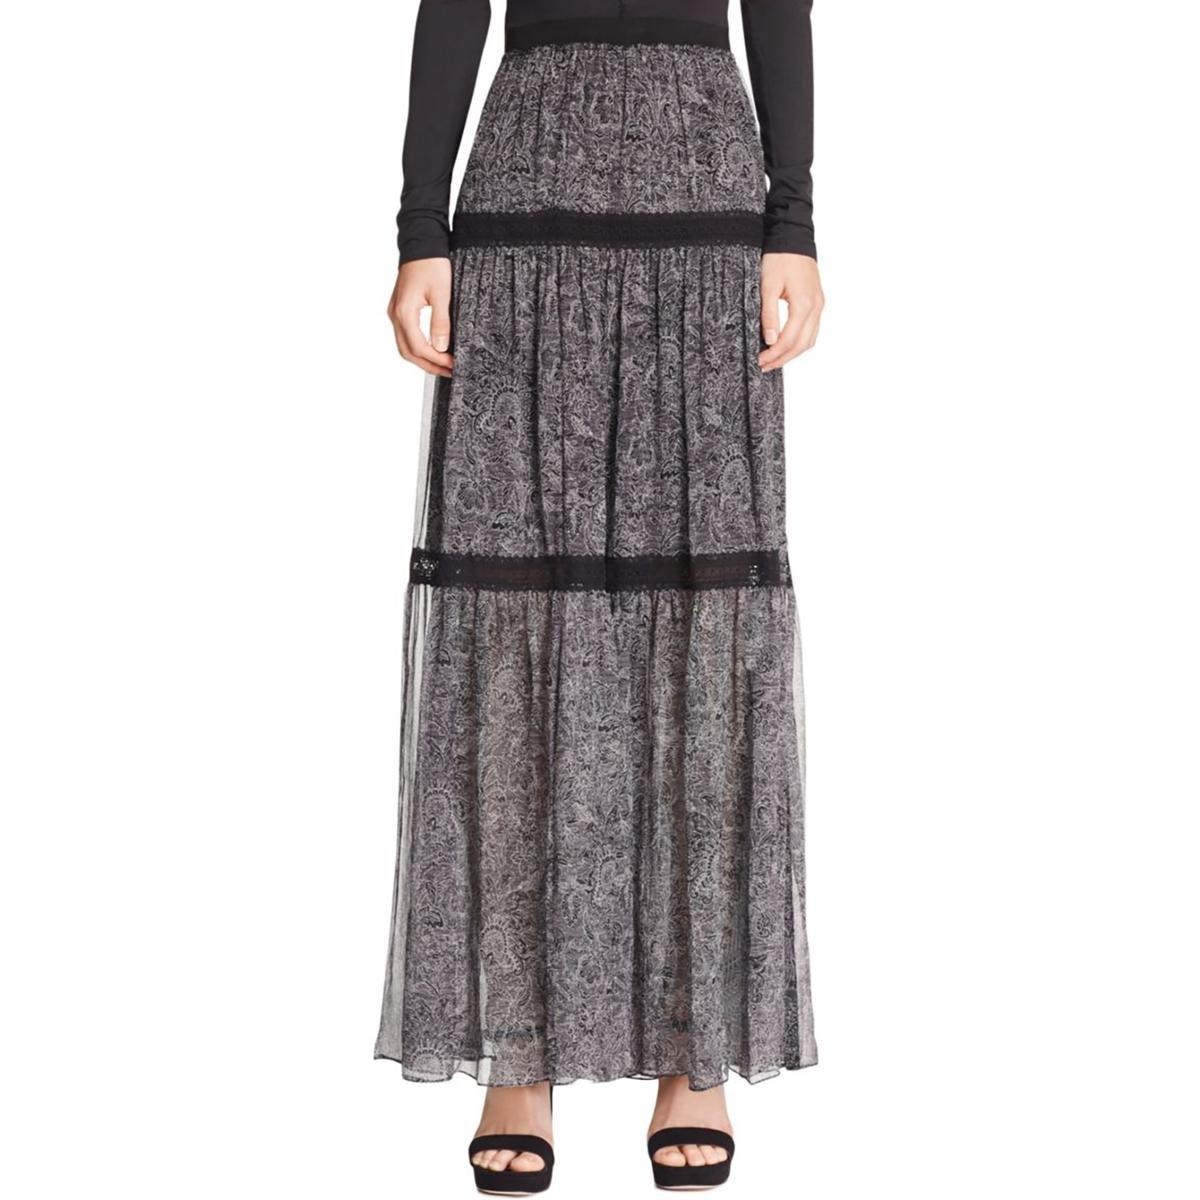 Elie Tahari Womens Arlington Silk Tiered Maxi Skirt Black XL